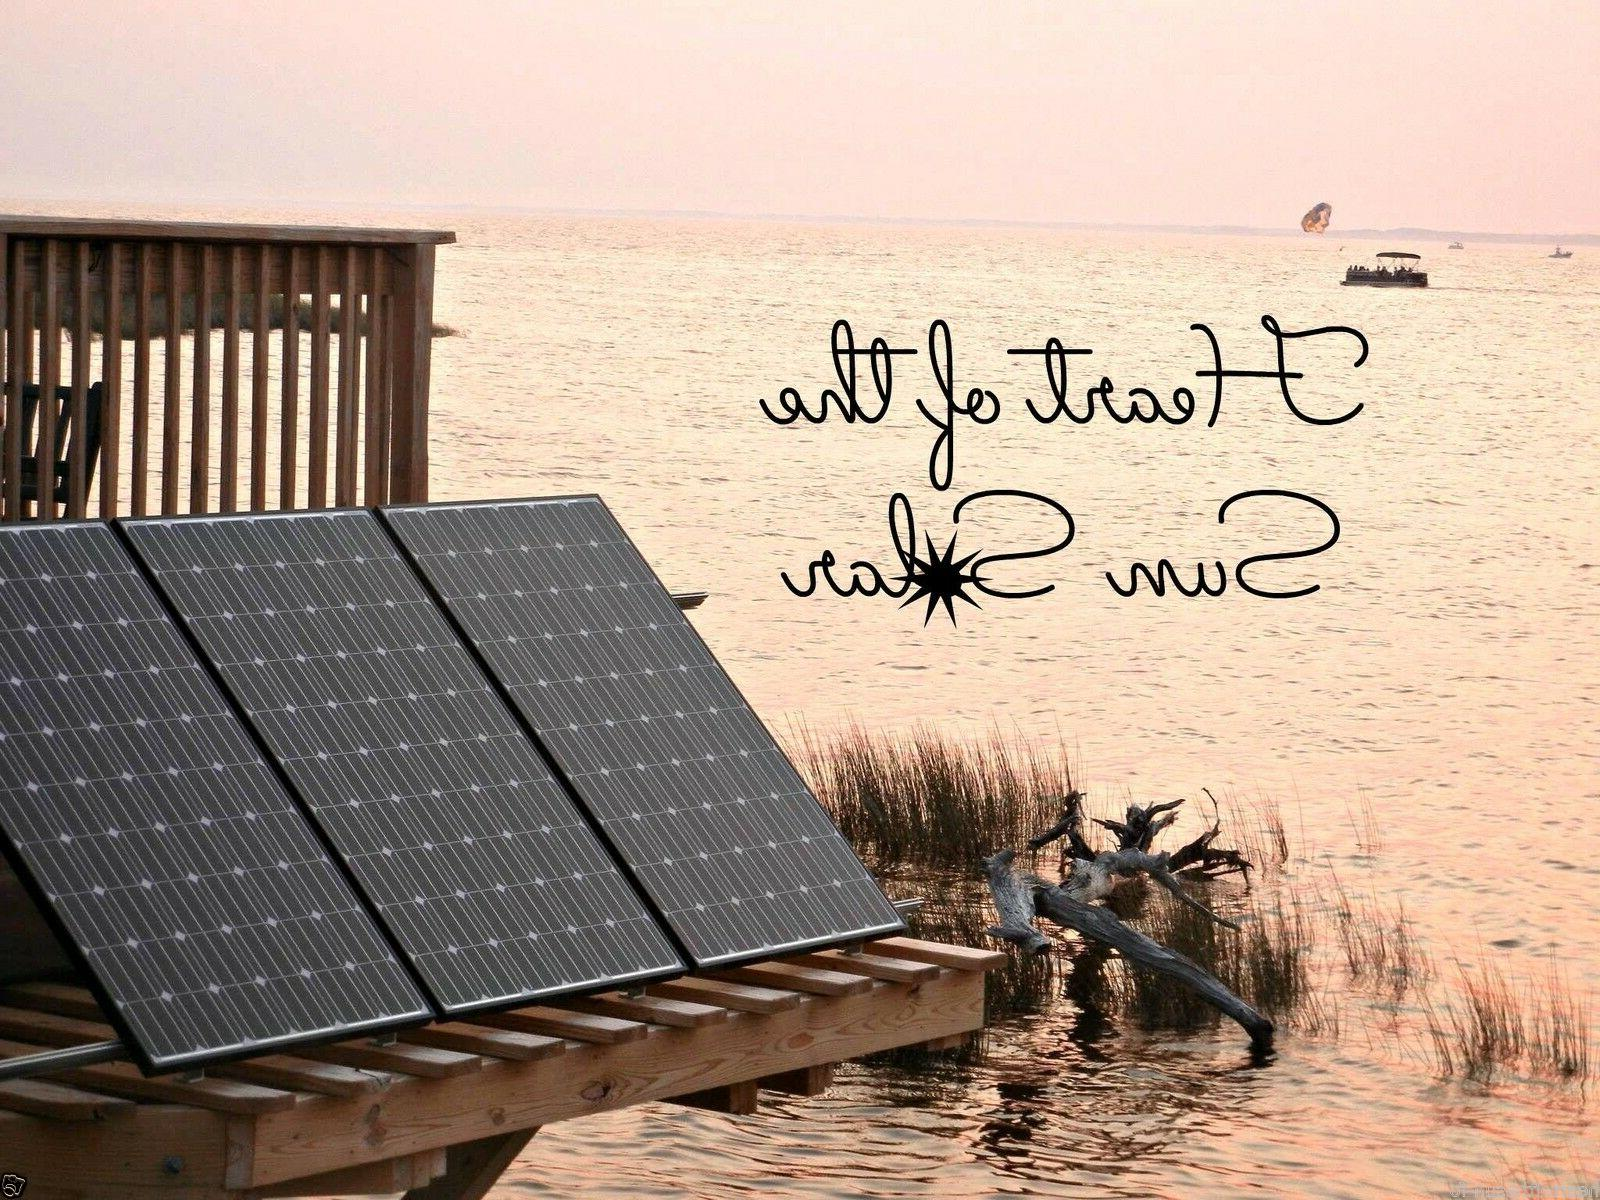 40 6x6 high solar cell kit-diy solar panels,jbx,flux